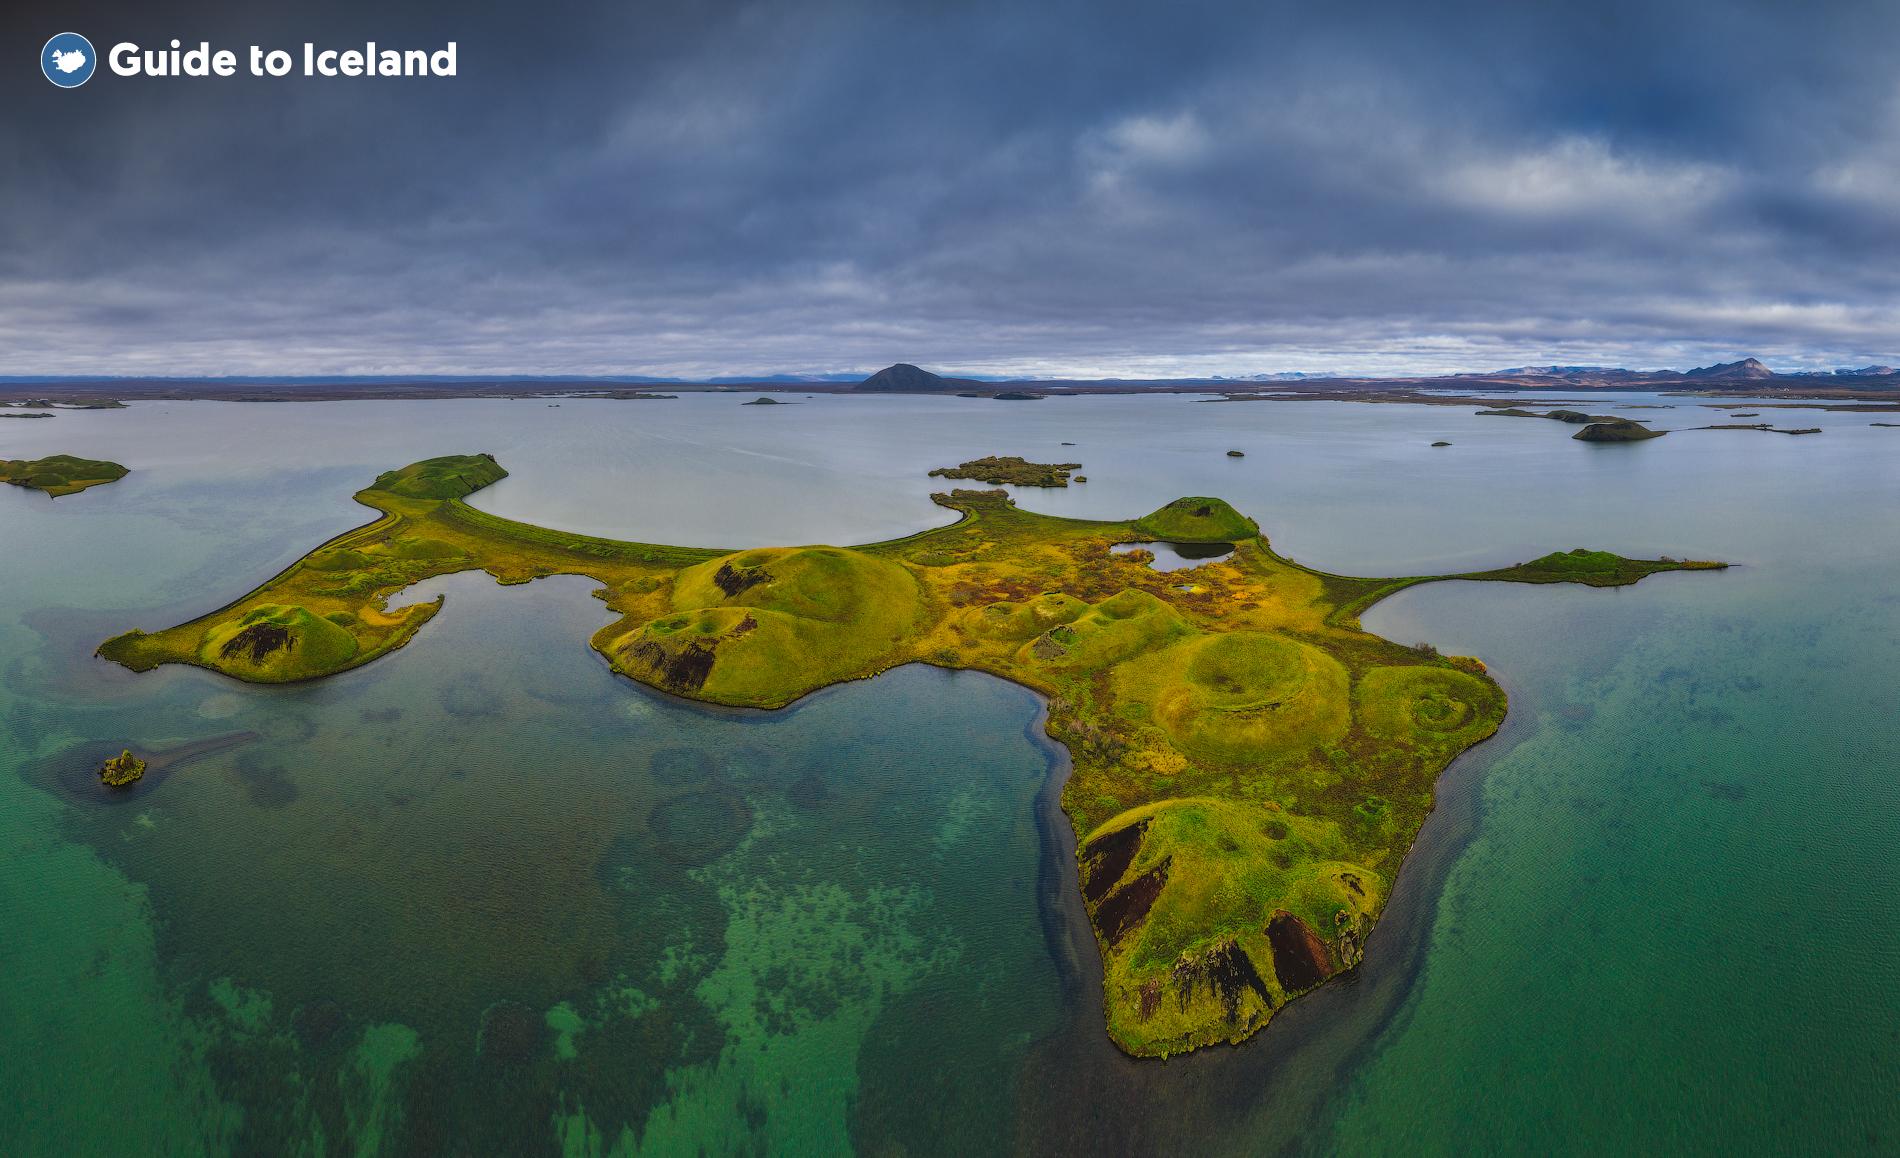 11 dni, samodzielna podróż | Wycieczka dookoła Islandii i dzień w Reykjaviku - day 5